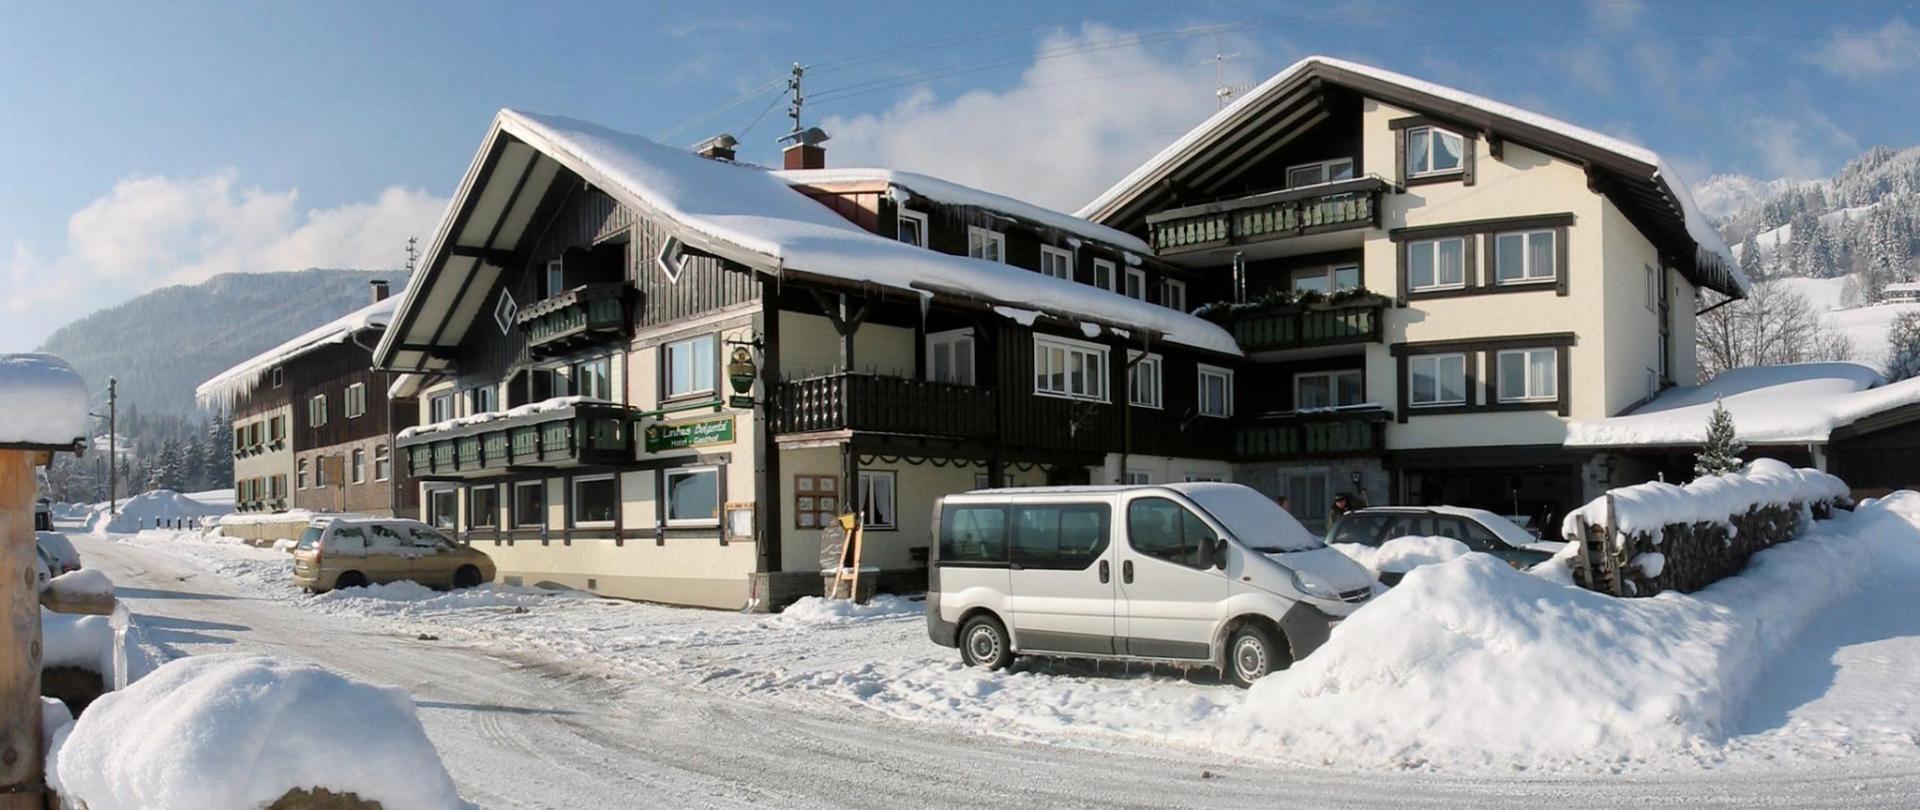 Haus im Schnee.jpg